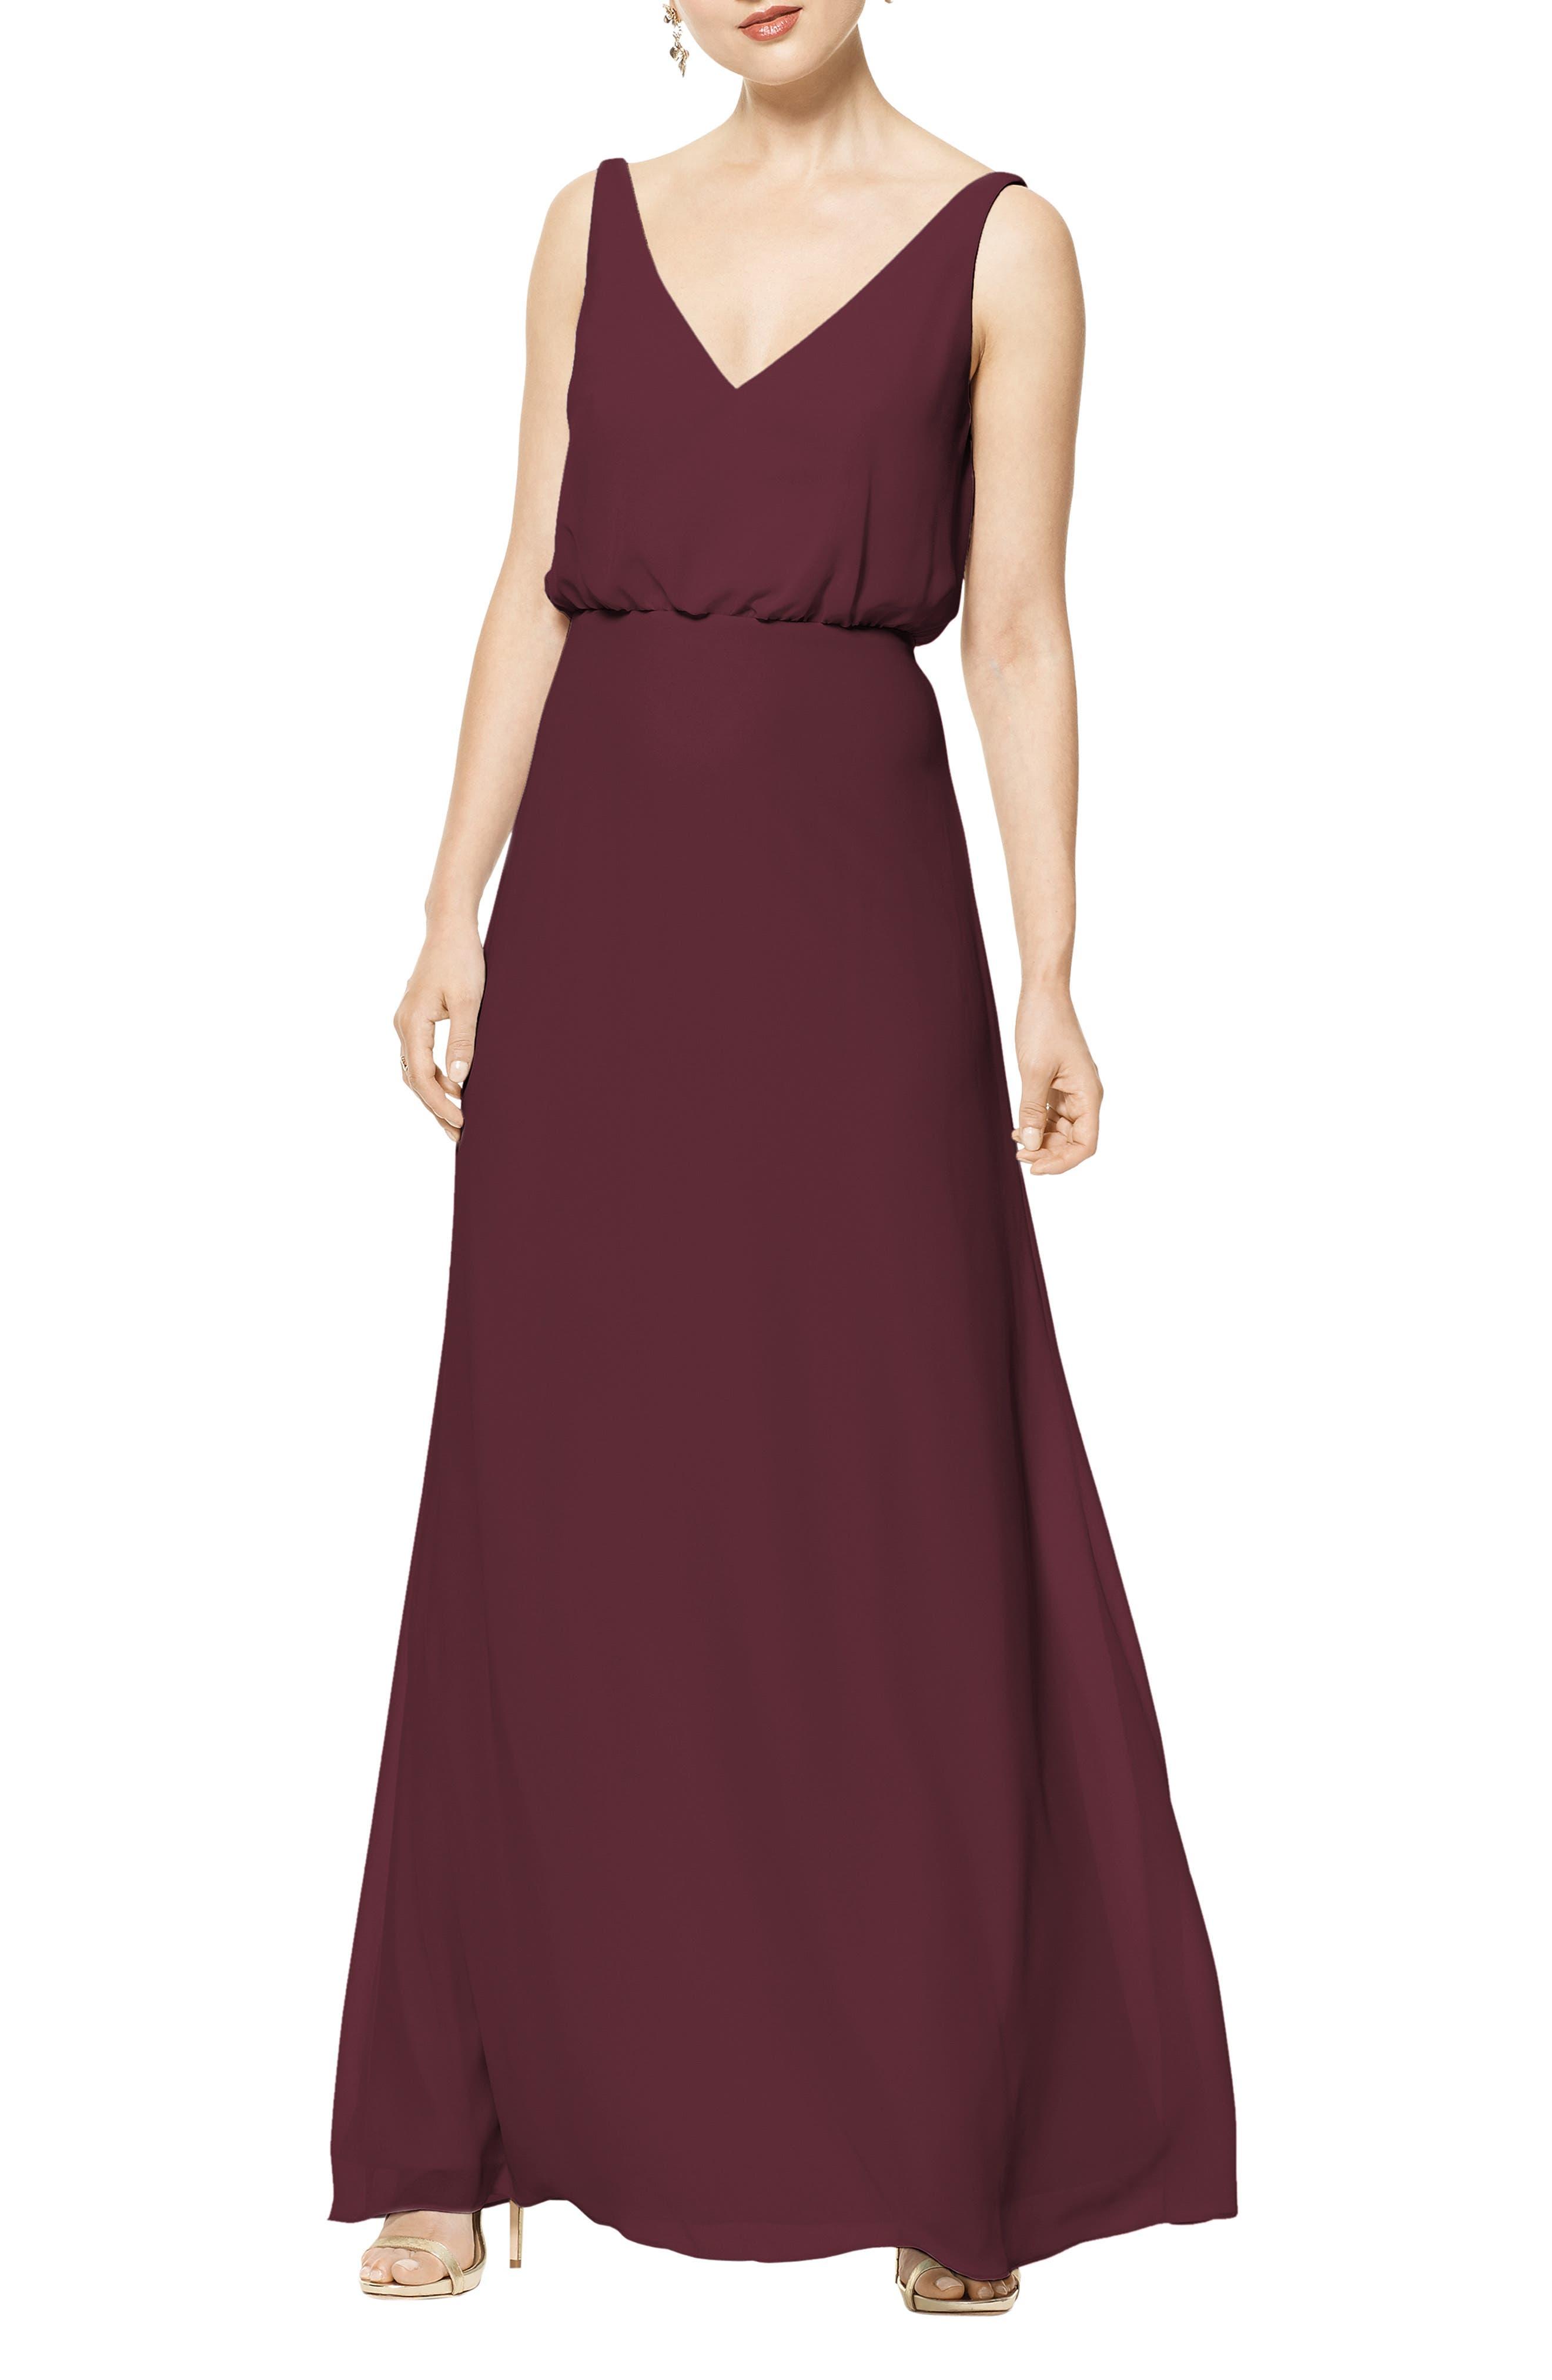 Blouson Chiffon A-Line Gown